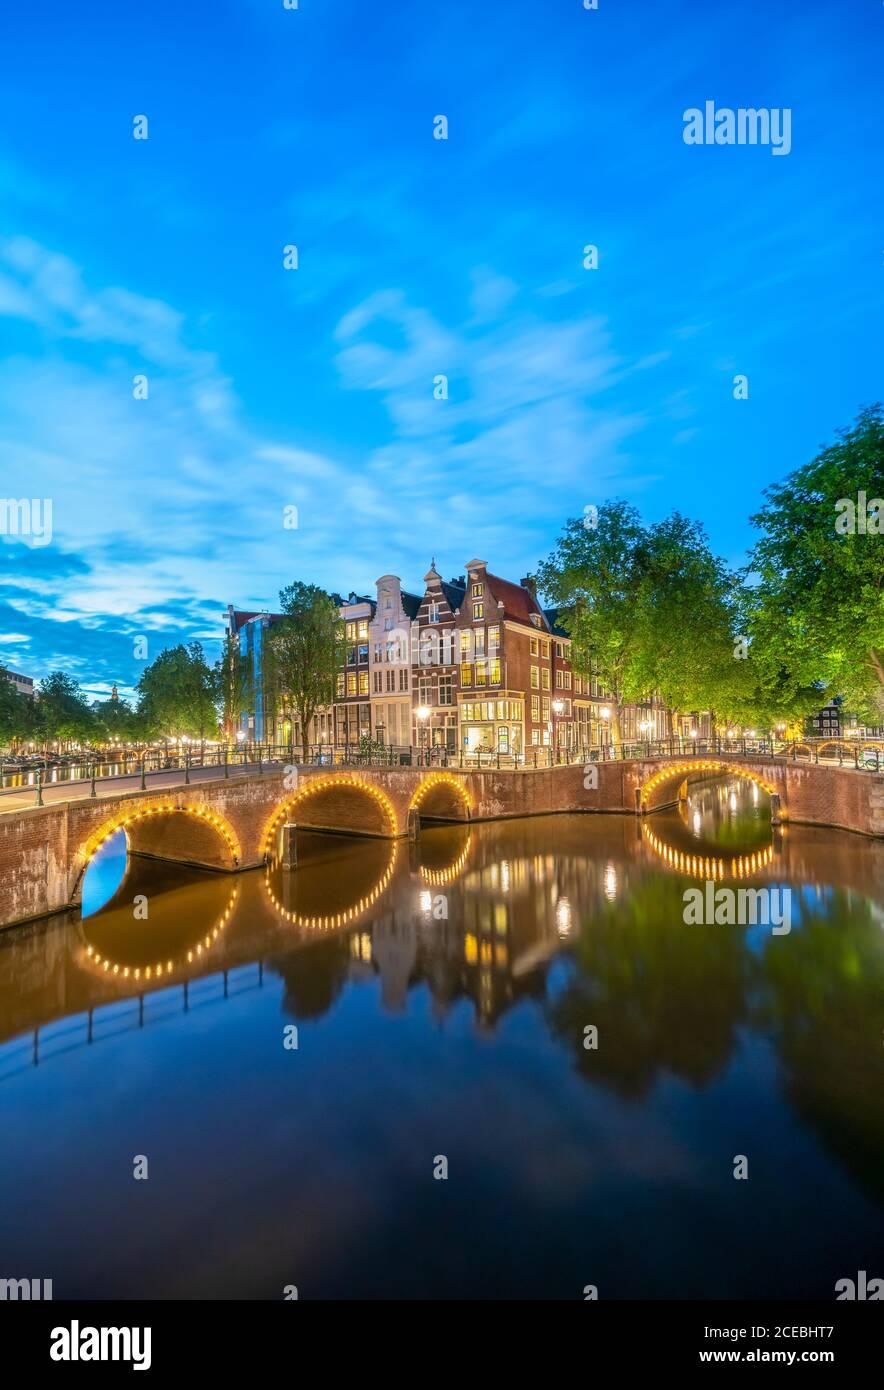 Ponts du canal d'Amsterdam. Canaux et ponts Keizersgracht et Leidsegracht la nuit. Ceinture du canal Grachtengordel d'Amsterdam, Canal Ring, patrimoine de l'UNESCO Banque D'Images